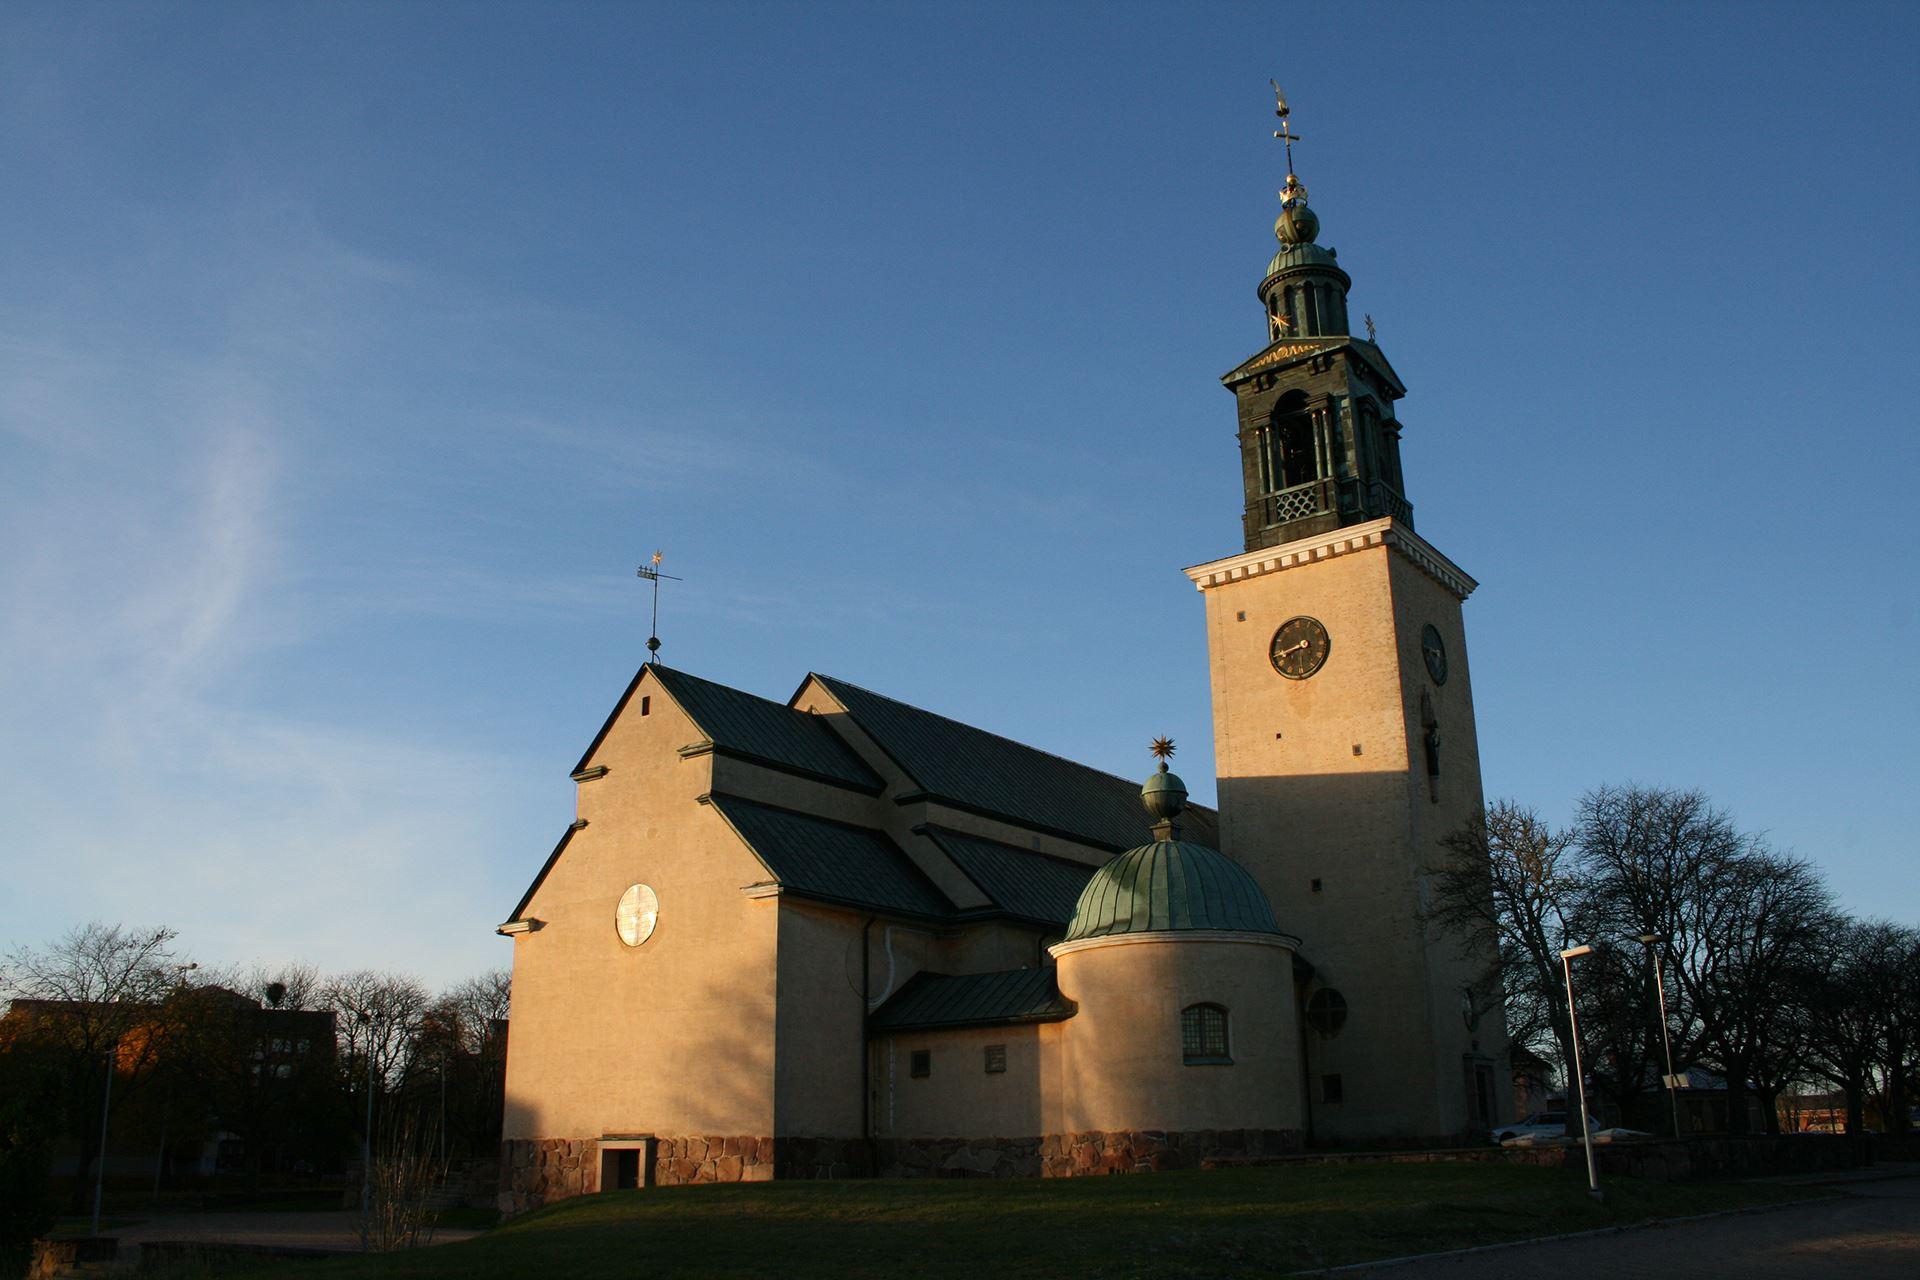 Finland 100 år - Tvåspråkig Gudstjänst